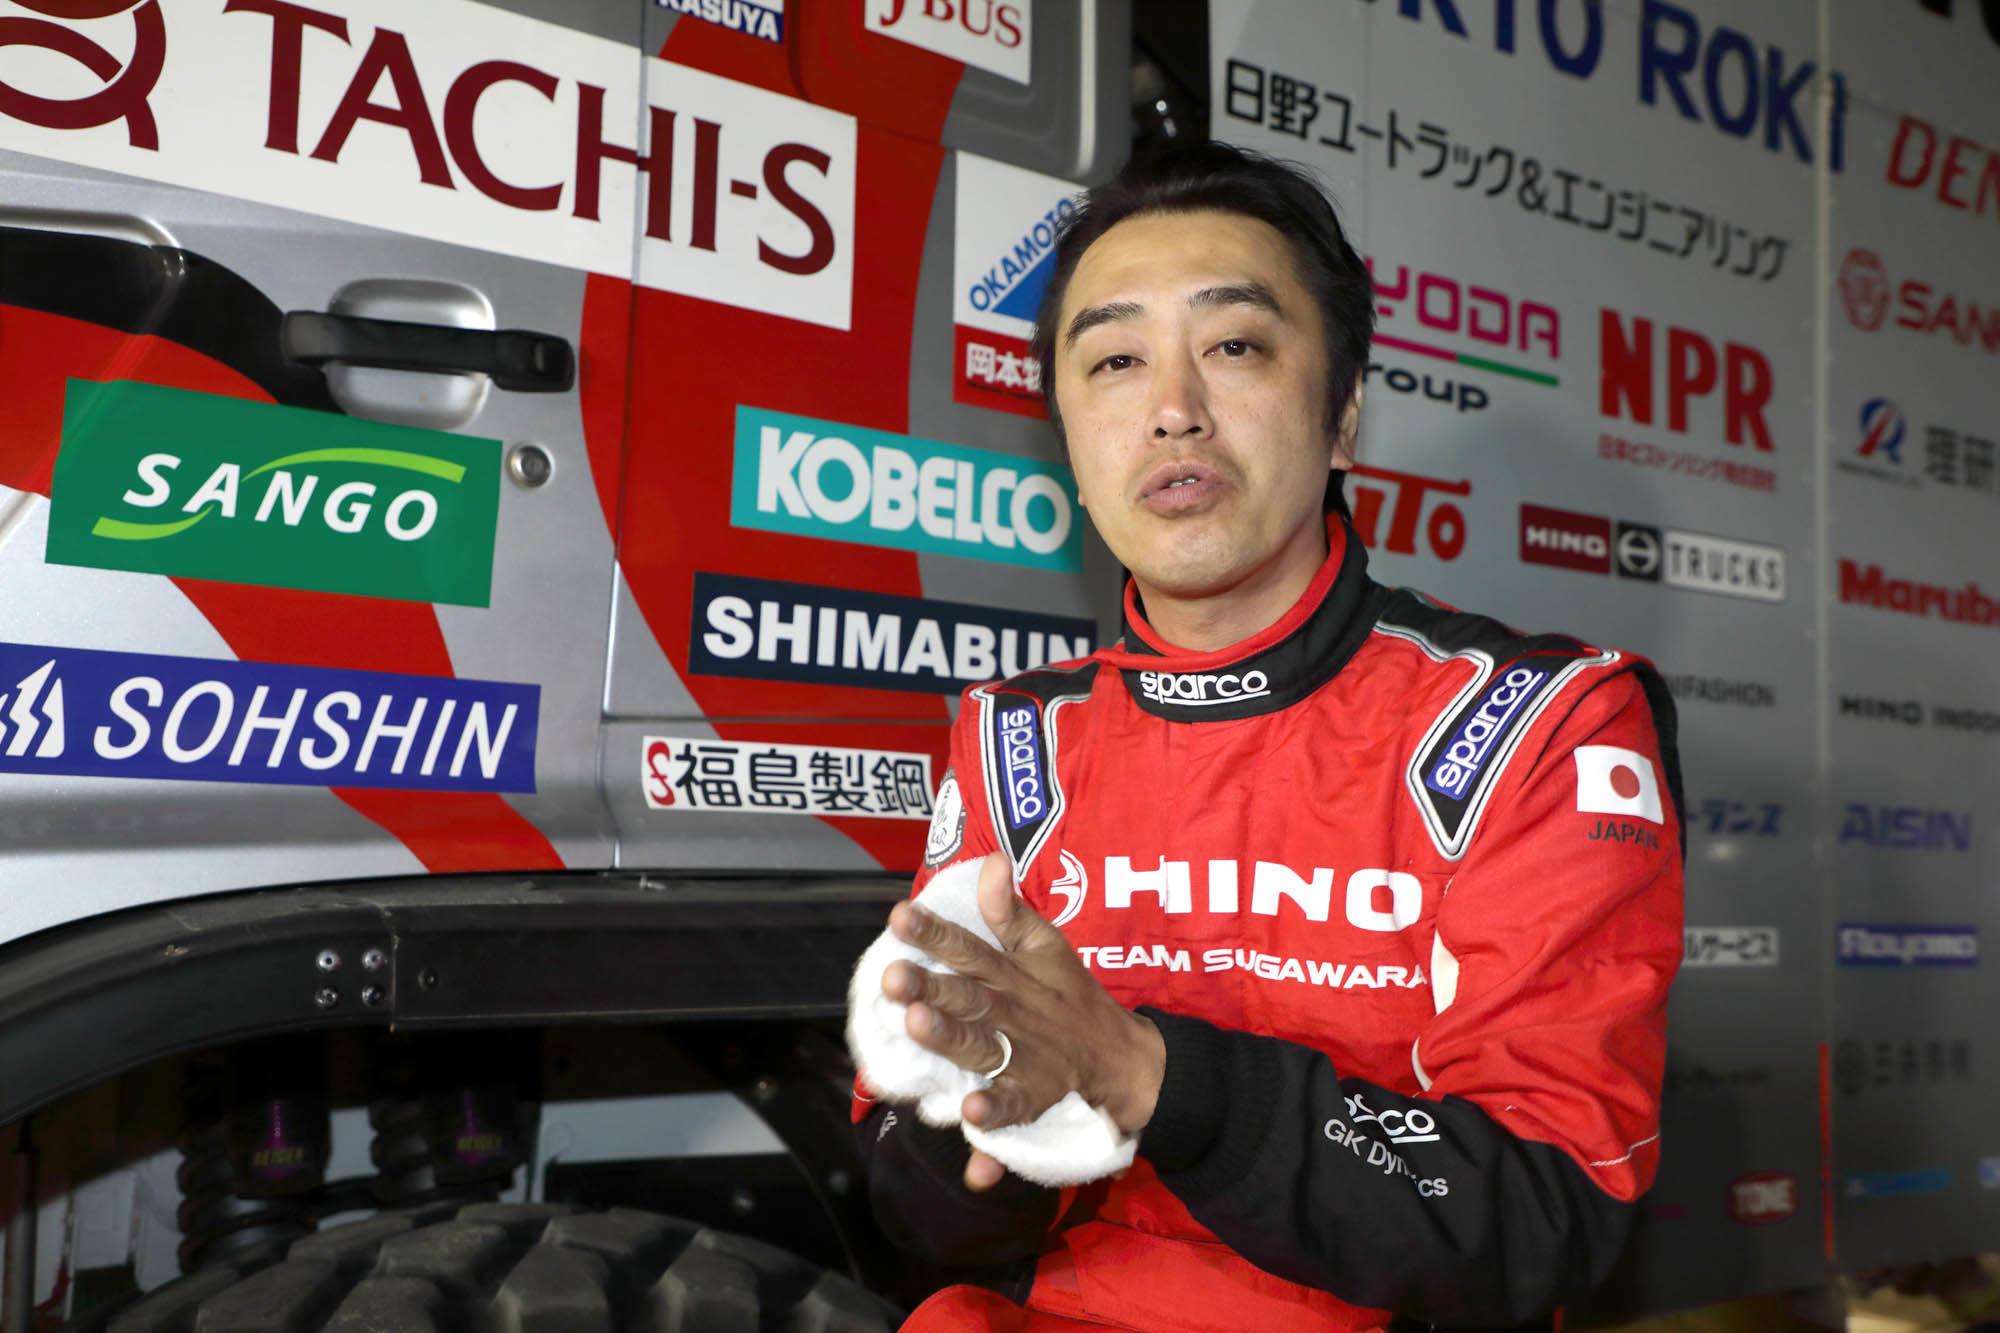 ロングステージを10番手の成績で終えた菅原照仁 0B5A0159.jpg